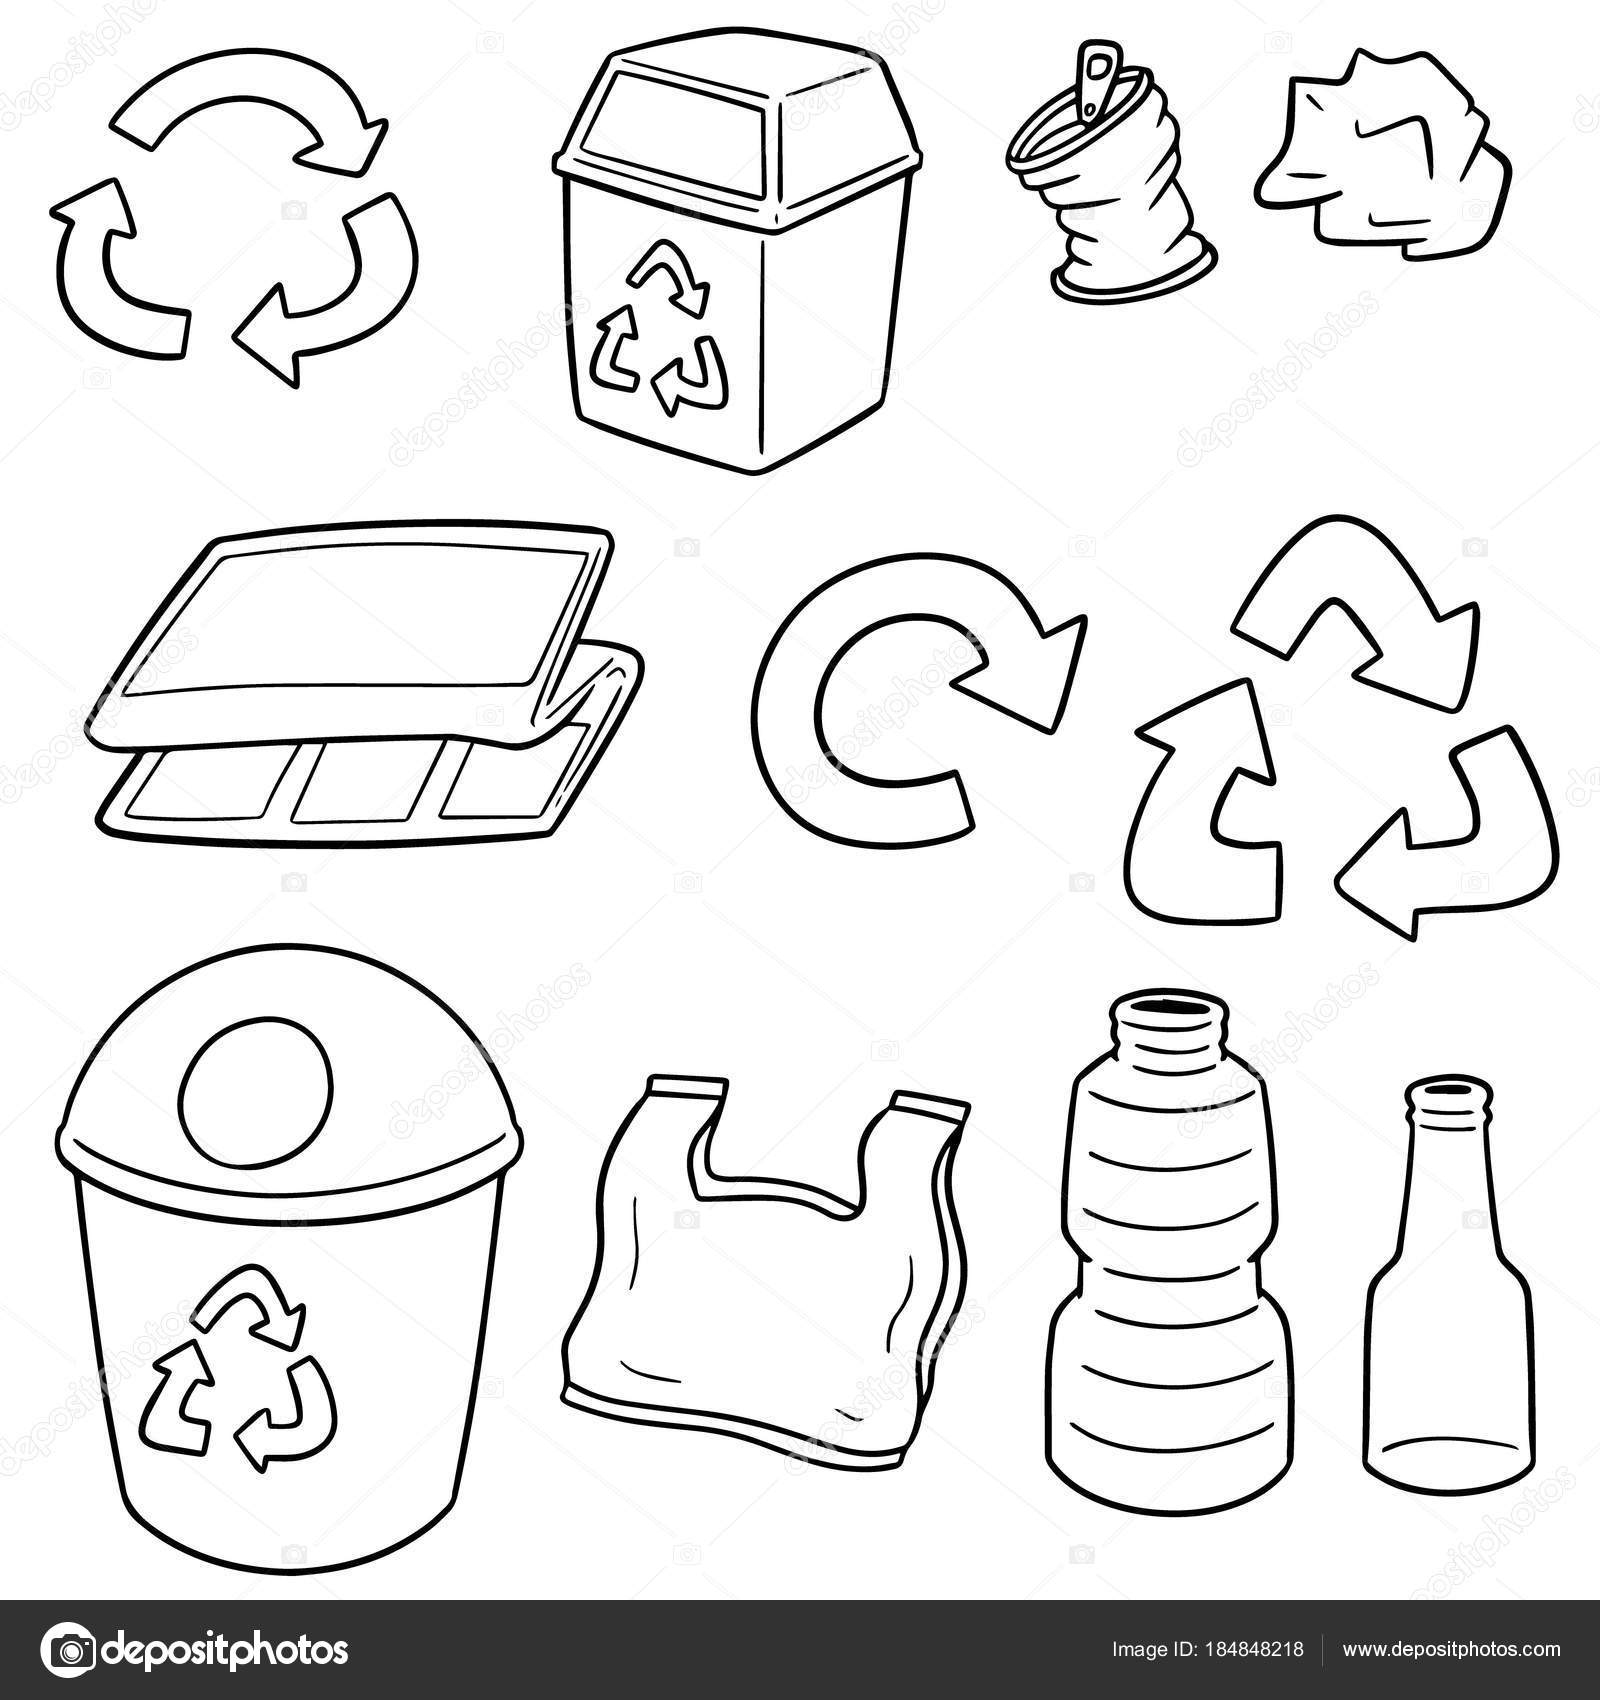 Dibujos Cesta De Basura Para Colorear Vector Conjunto